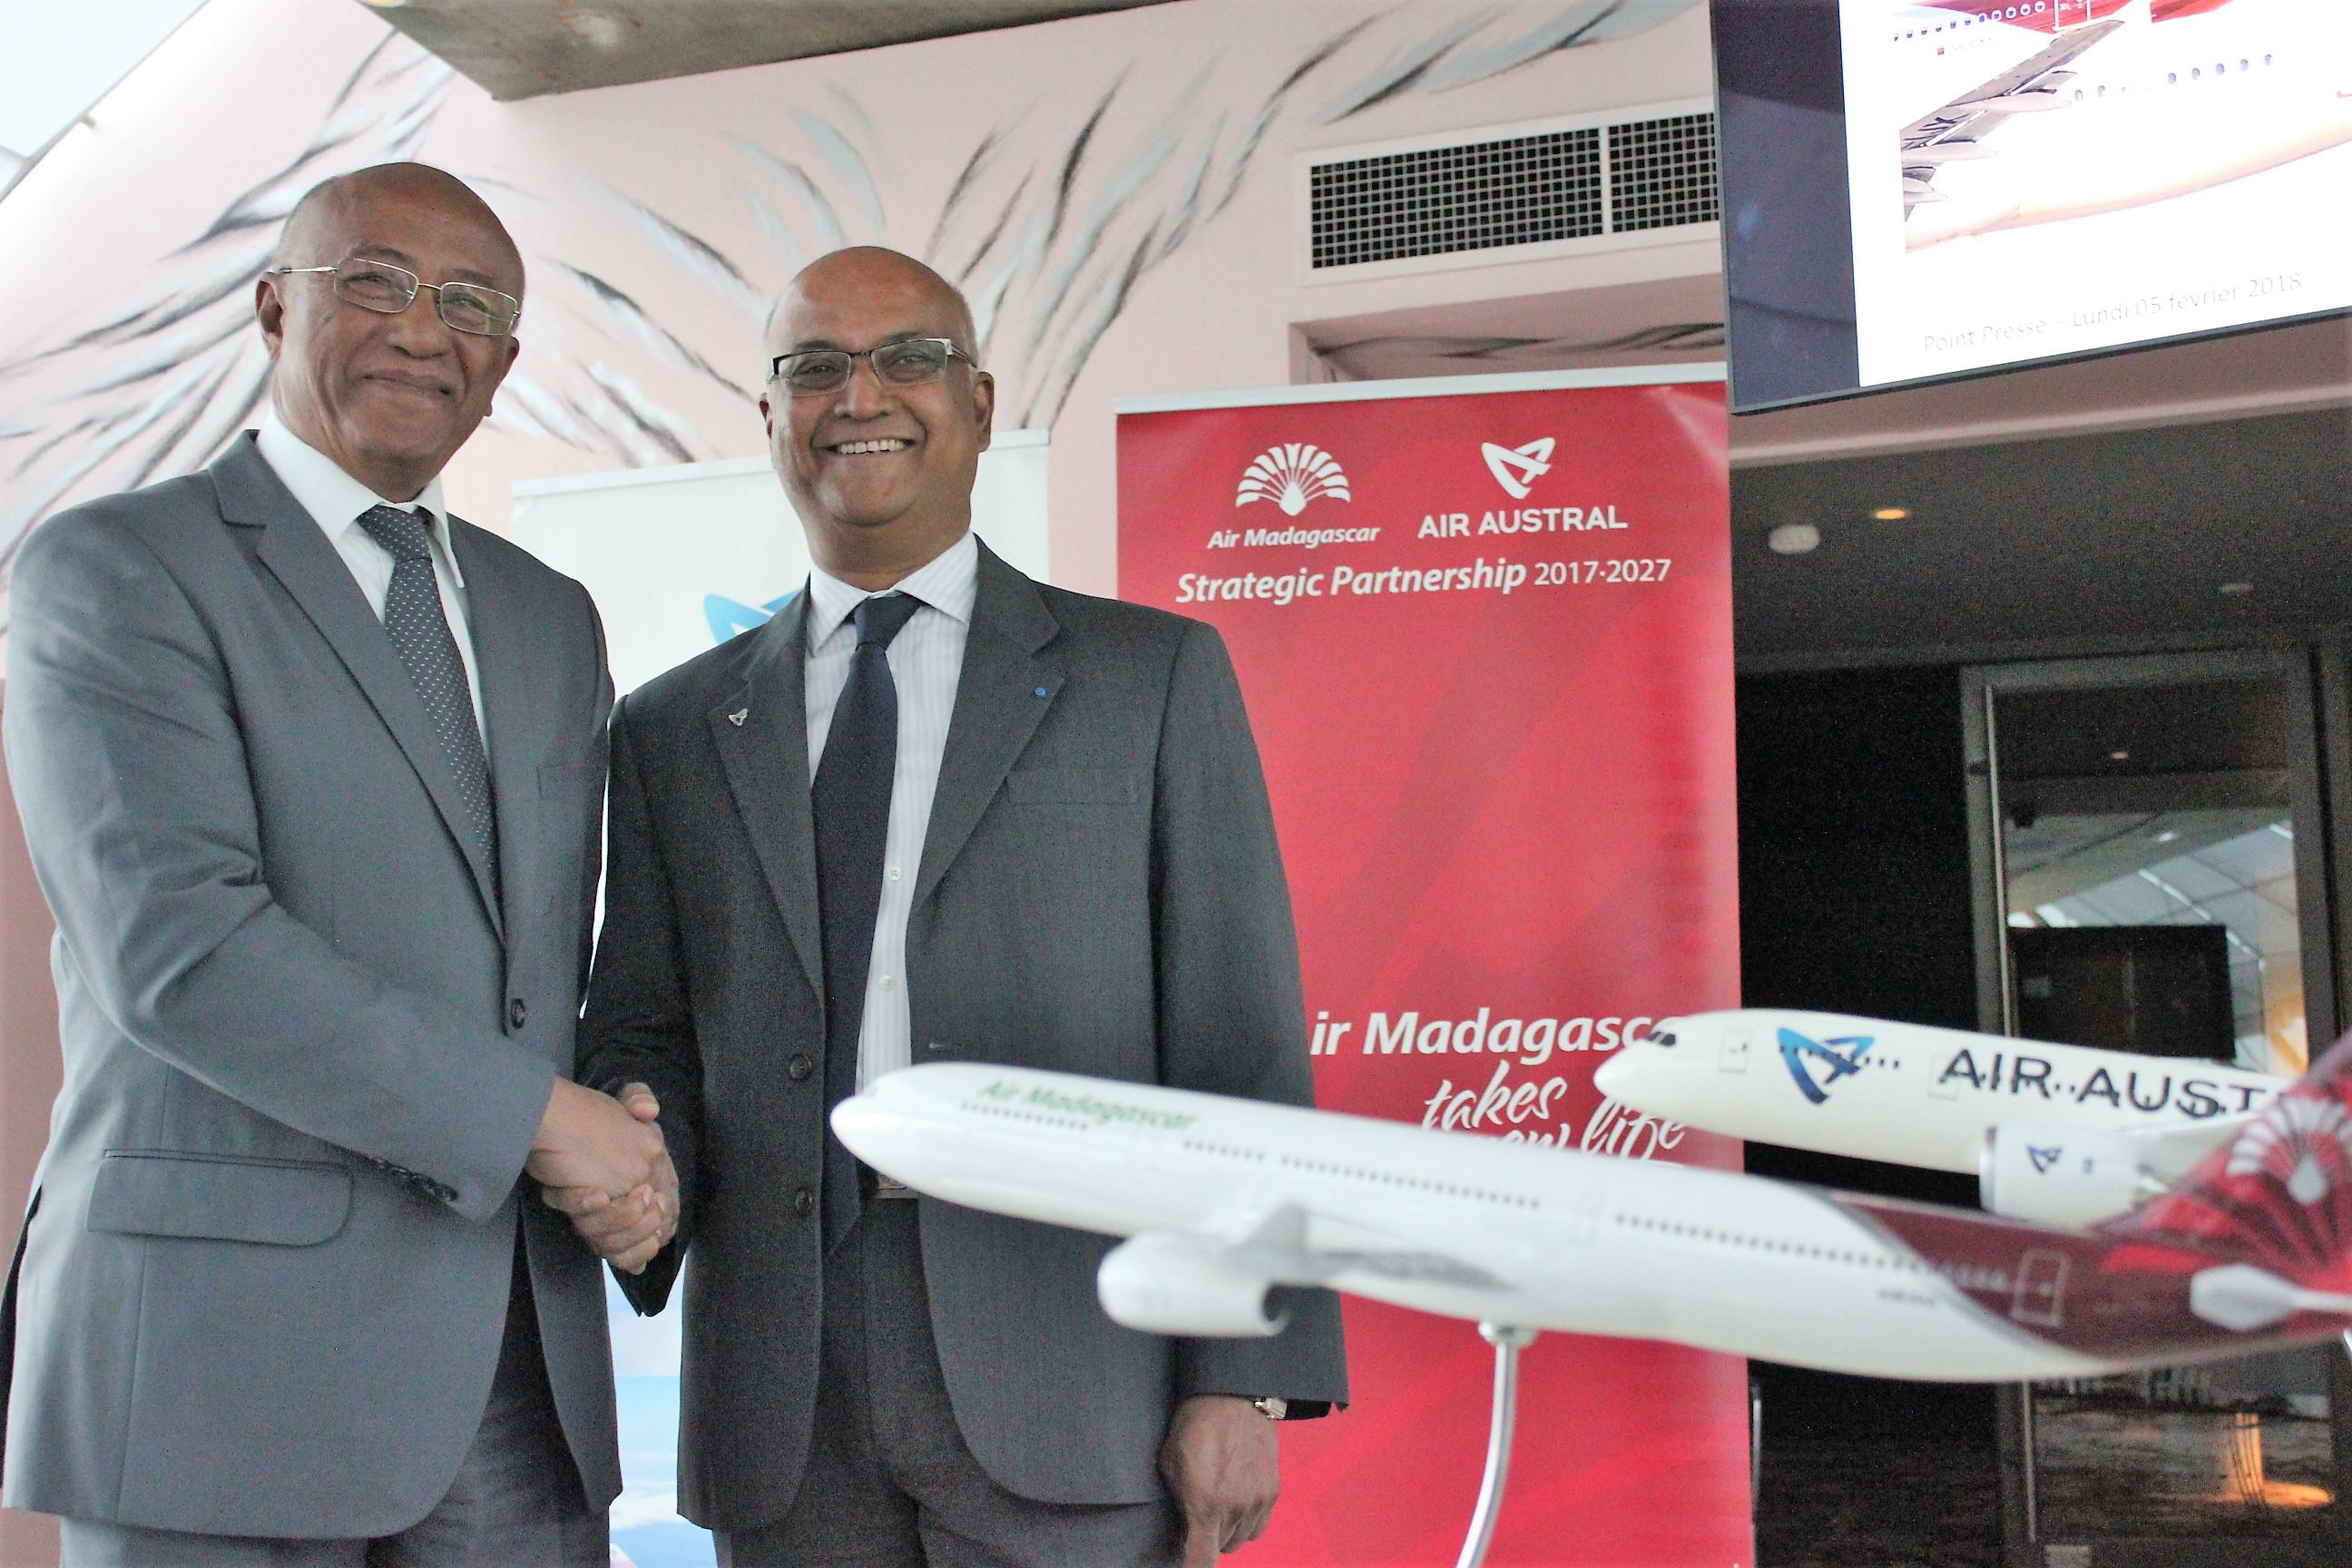 Besoa Razafimaharo et Marie-Joseph Malé, respectivement PDG d'Air Madagascar et Air Austral, lors de l'annonce de leur partenariat à Paris ©Outremers360